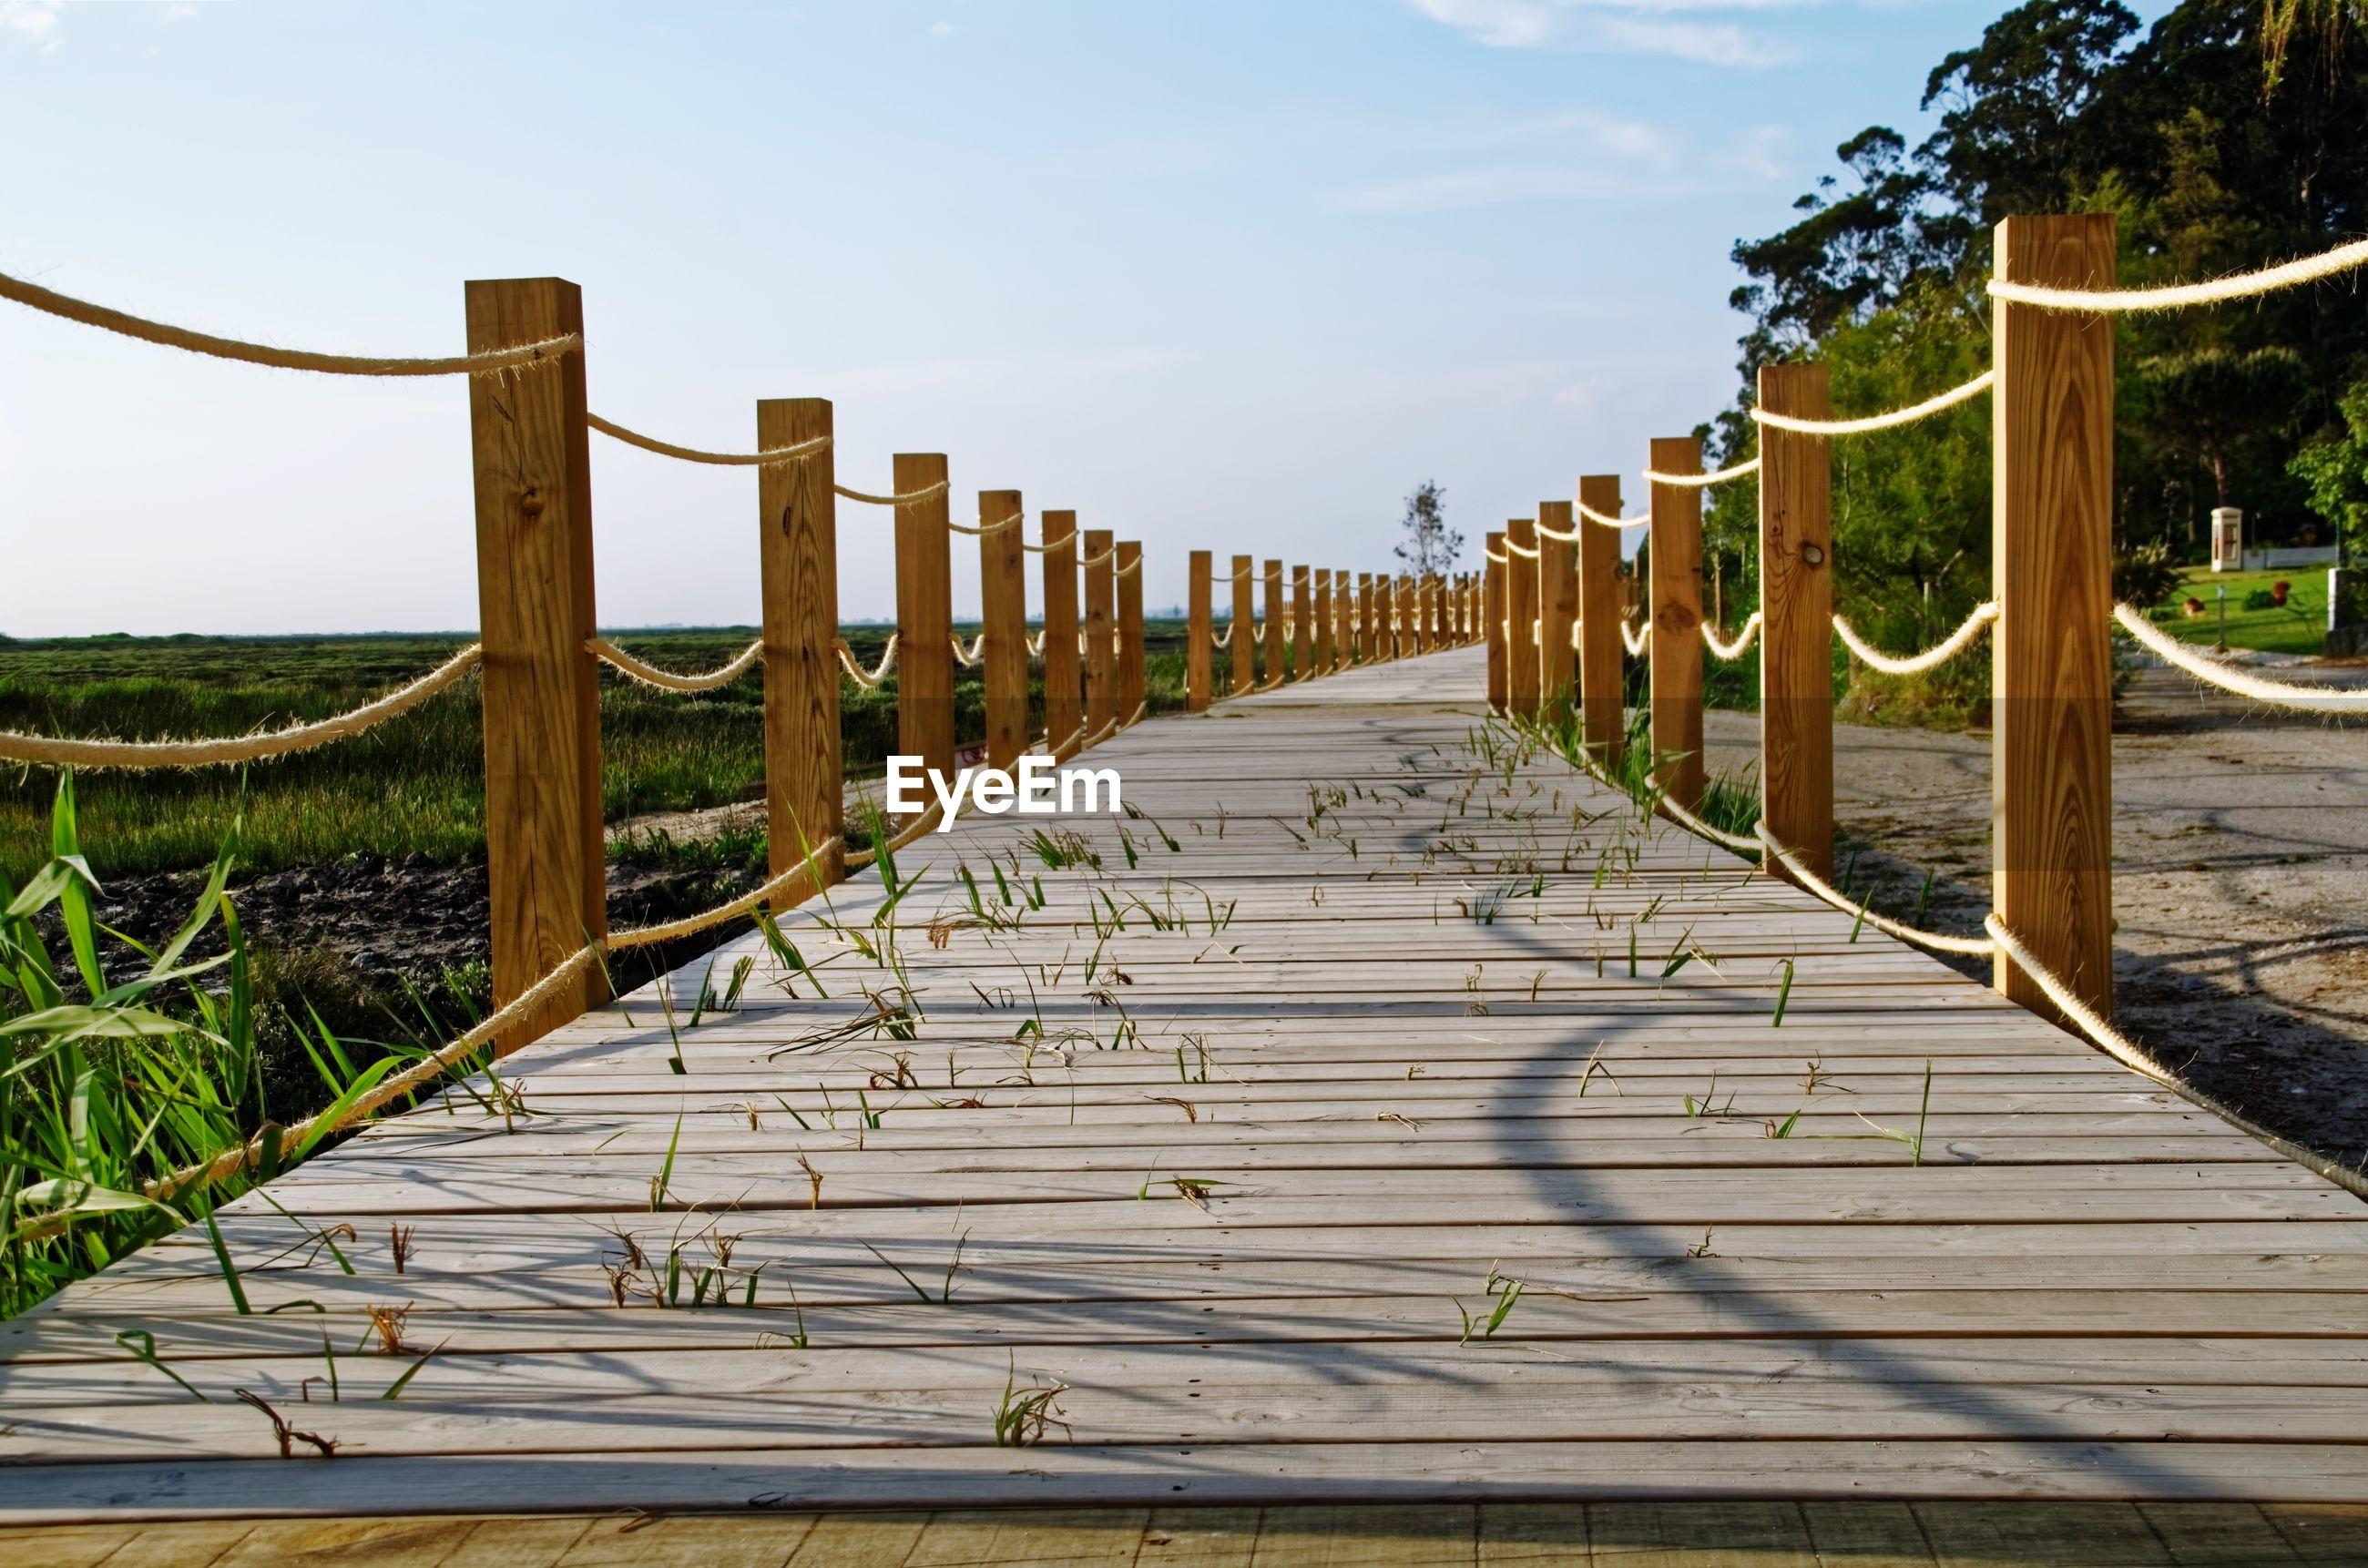 Wooden boardwalk leading towards gazebo against sky